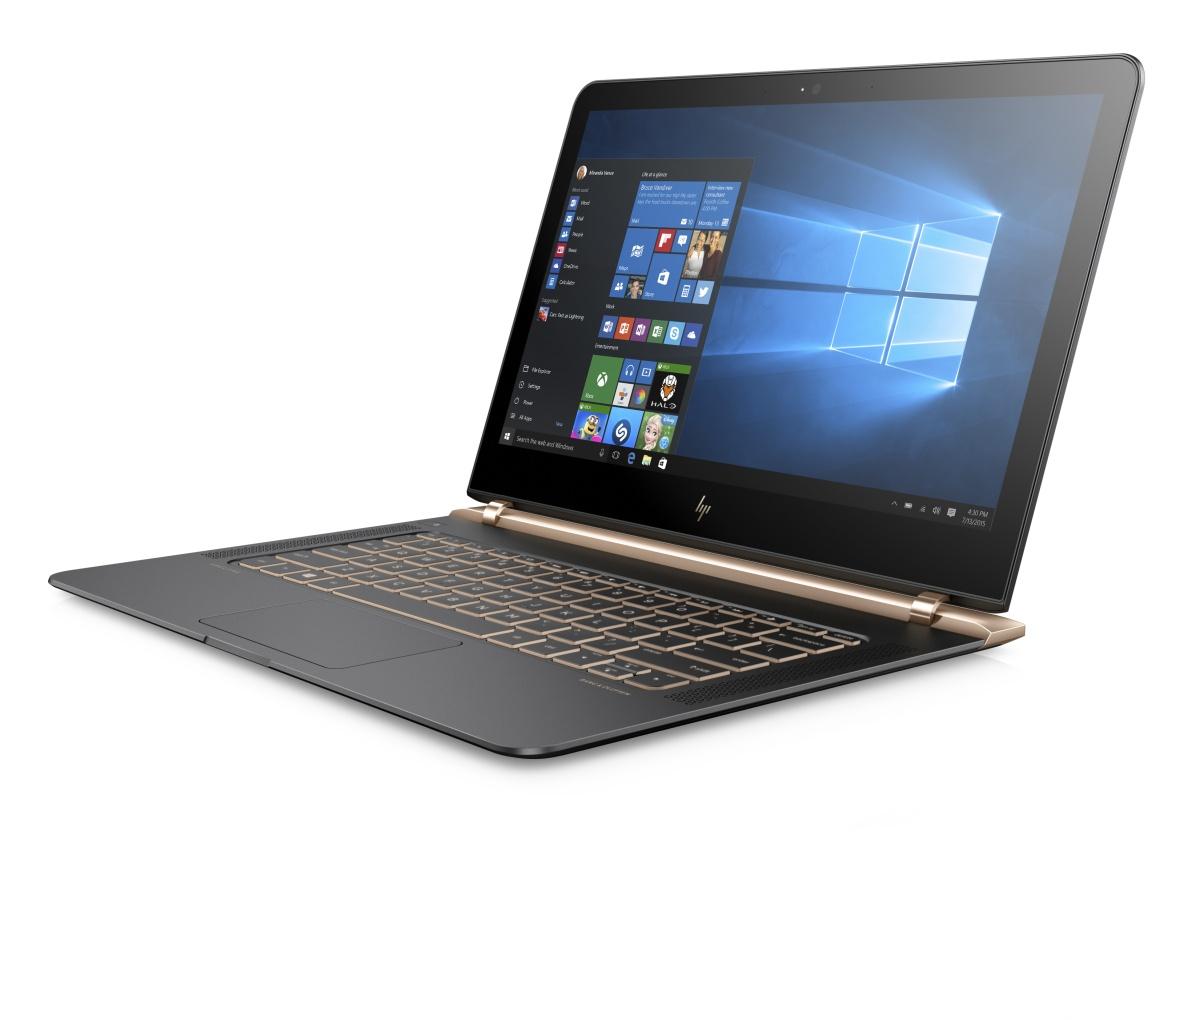 HP Spectre Pro 13 G1 i7-6500U / 8GB / 512GB SSD PCIe / 13,3'' FHD / Intel HD / Win 10 Pro